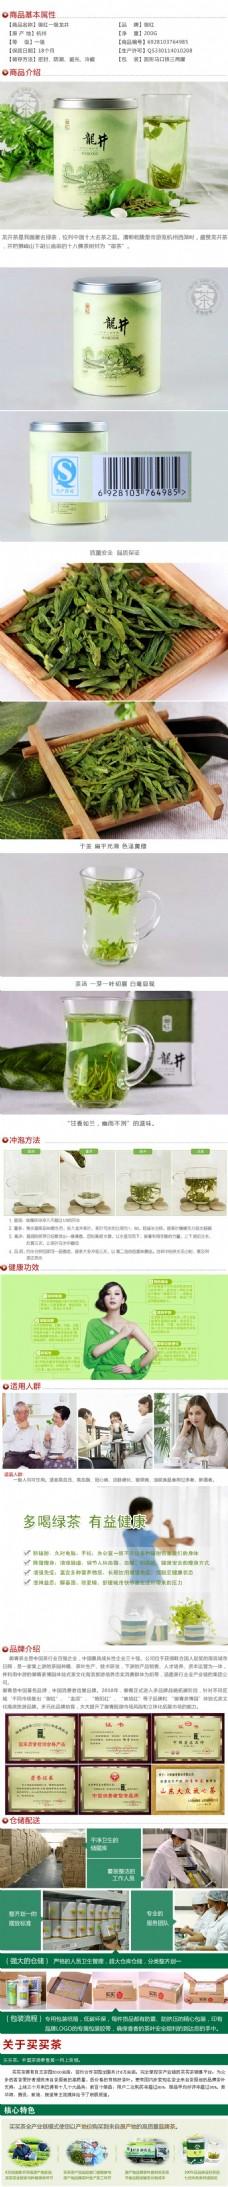 龙井茶叶详情页